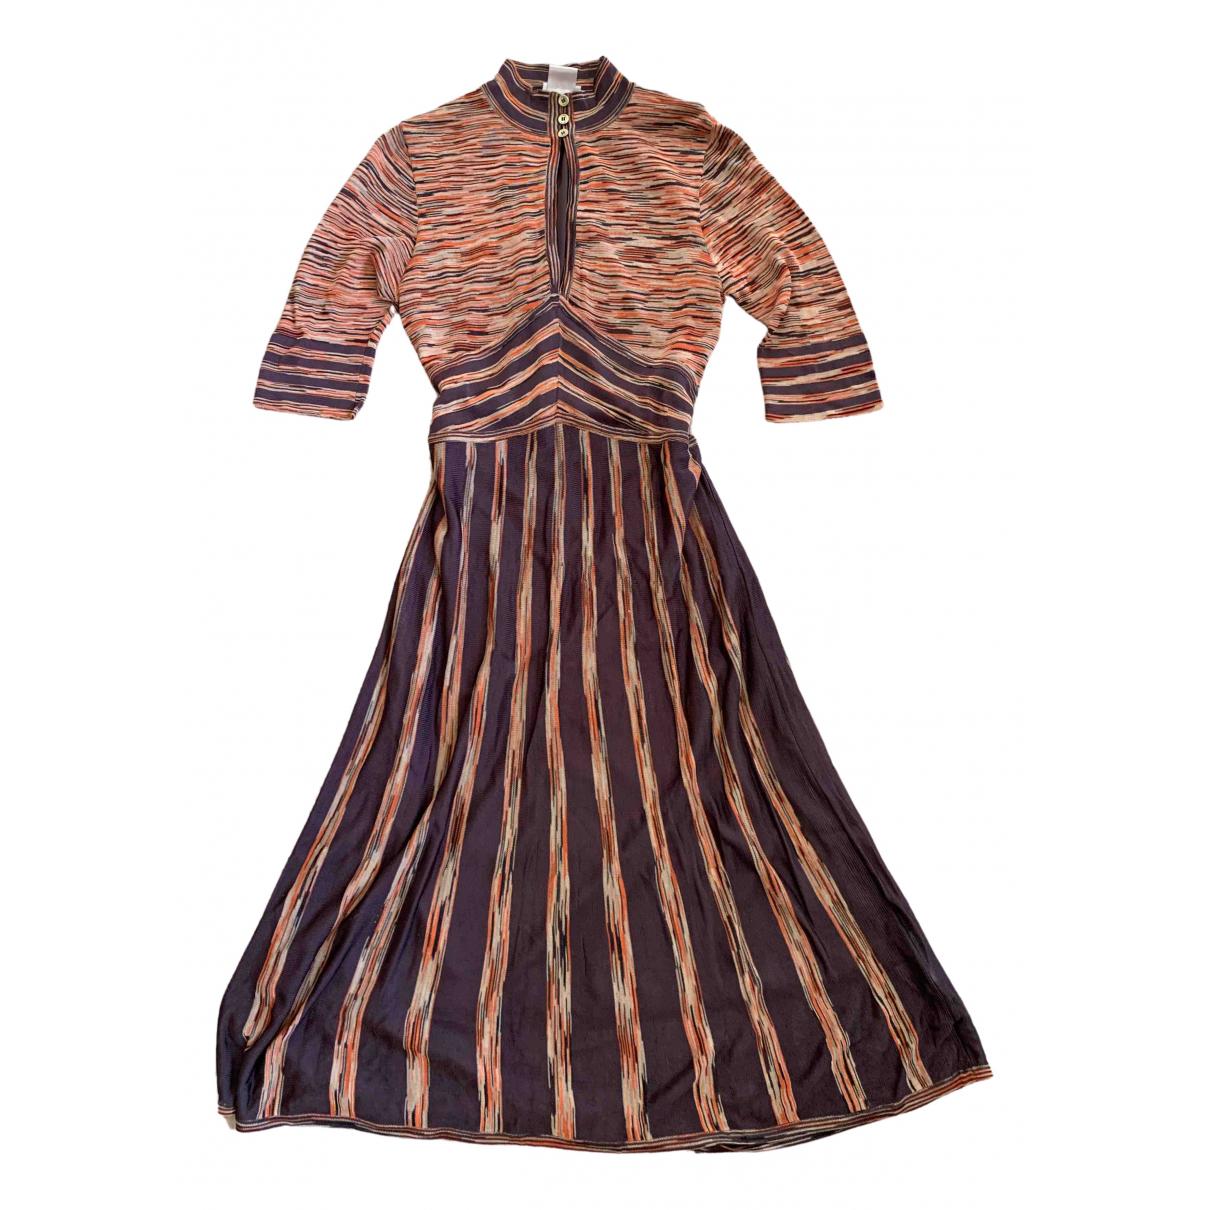 Karen Millen \N Brown dress for Women 2 US